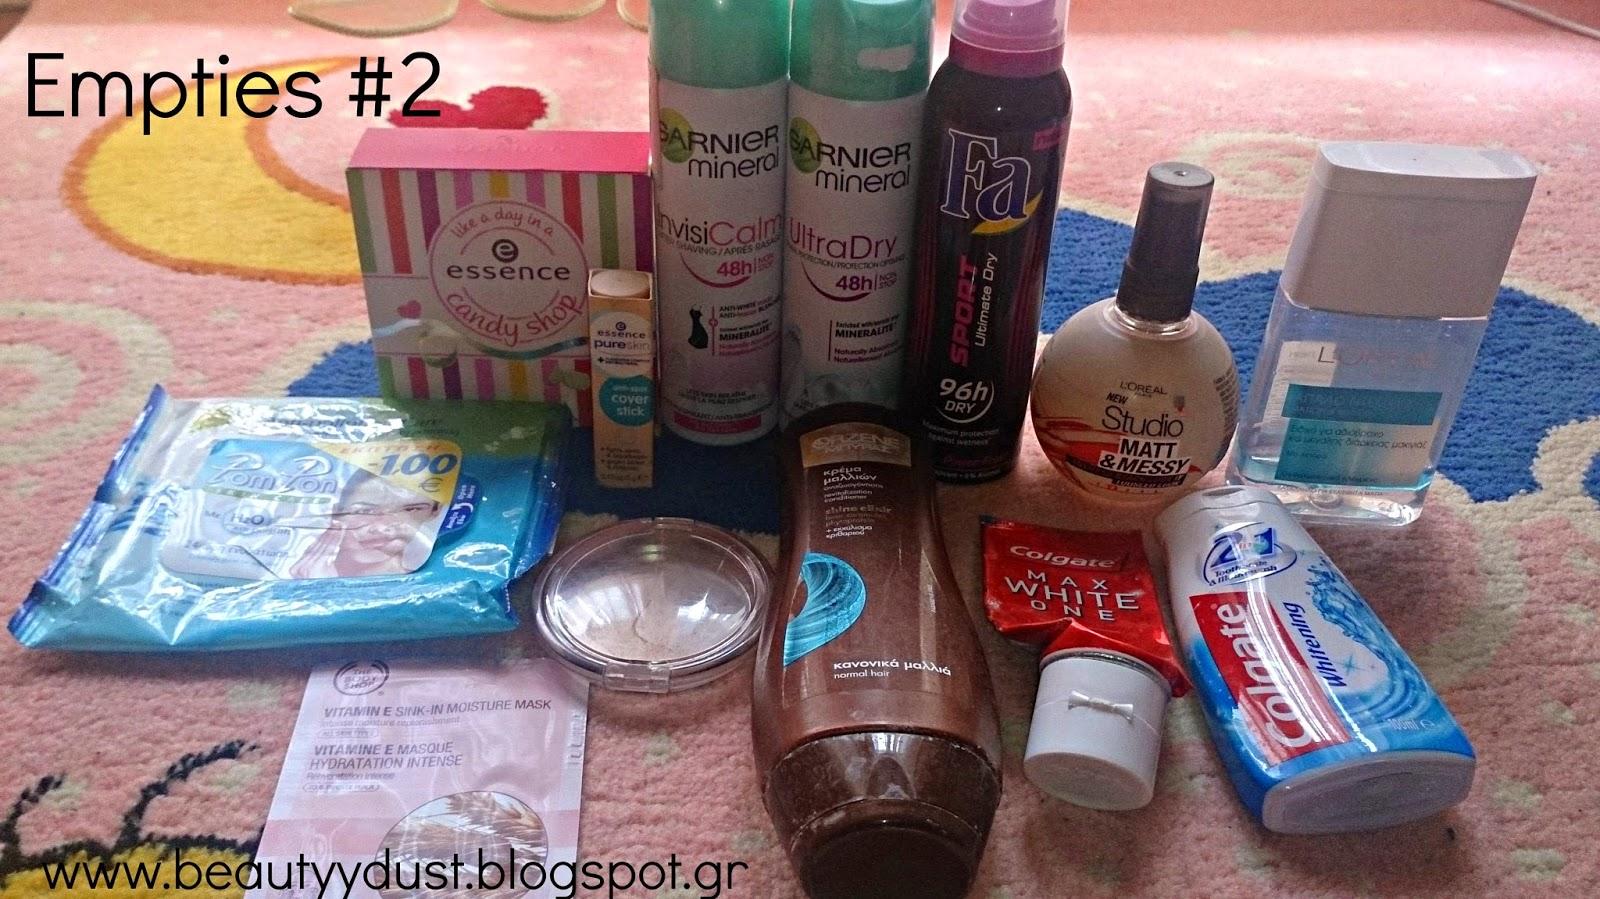 Empties 2 Beauty Dust